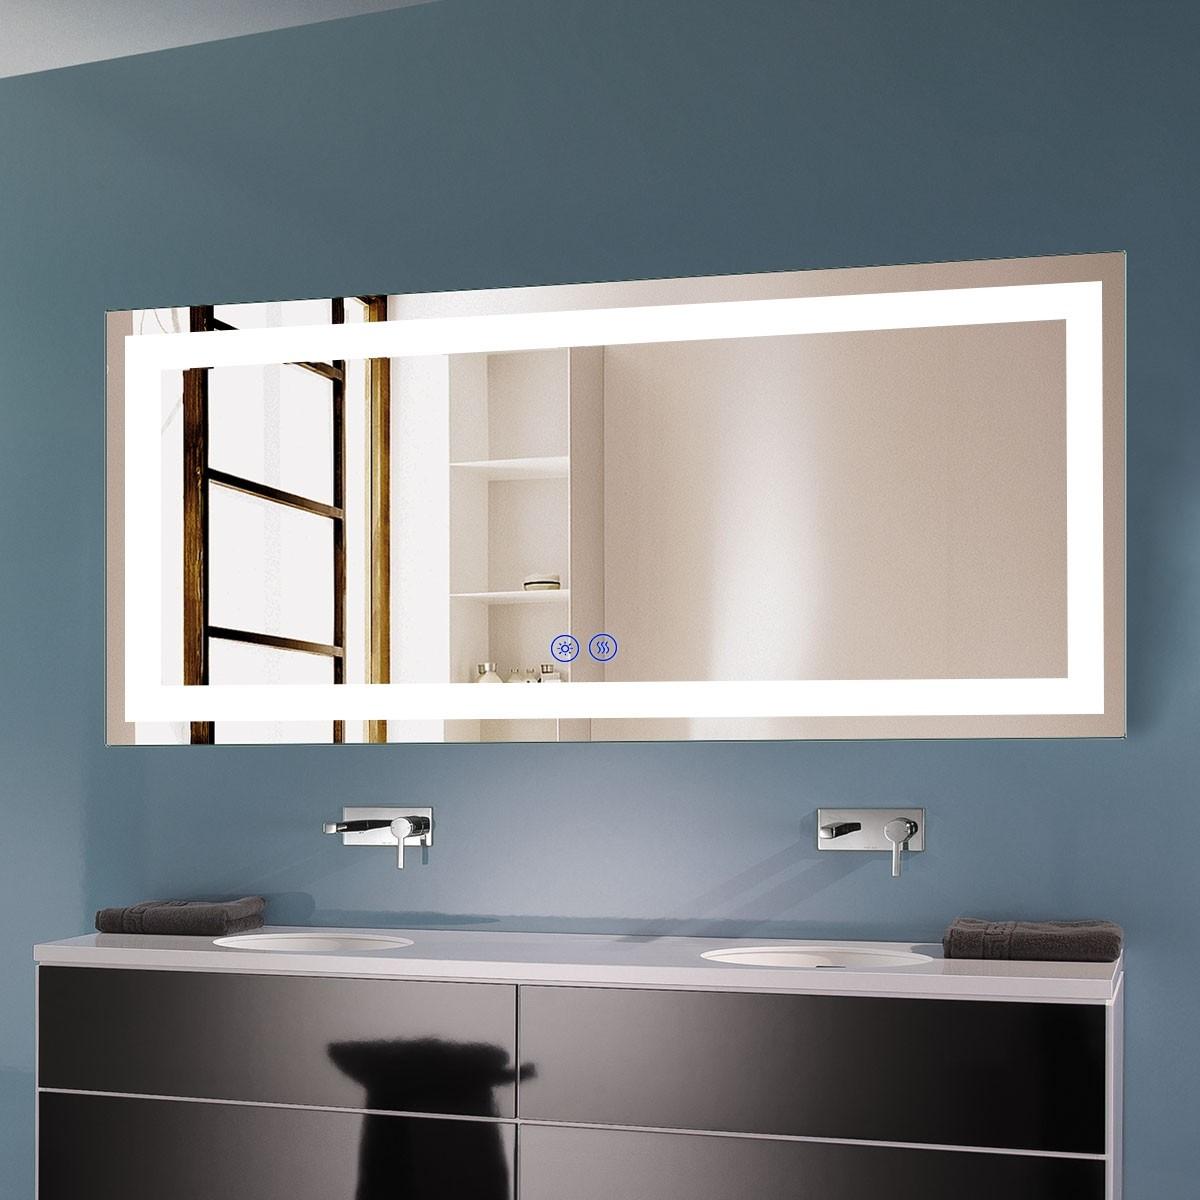 DECORAPORT 70 x 32 Po Miroir de Salle de Bain LED avec Bouton Tactile, Anti-Buée, Luminosité Réglable, Bluetooth, Montage Vertical & Horizontal (D221-7032A)